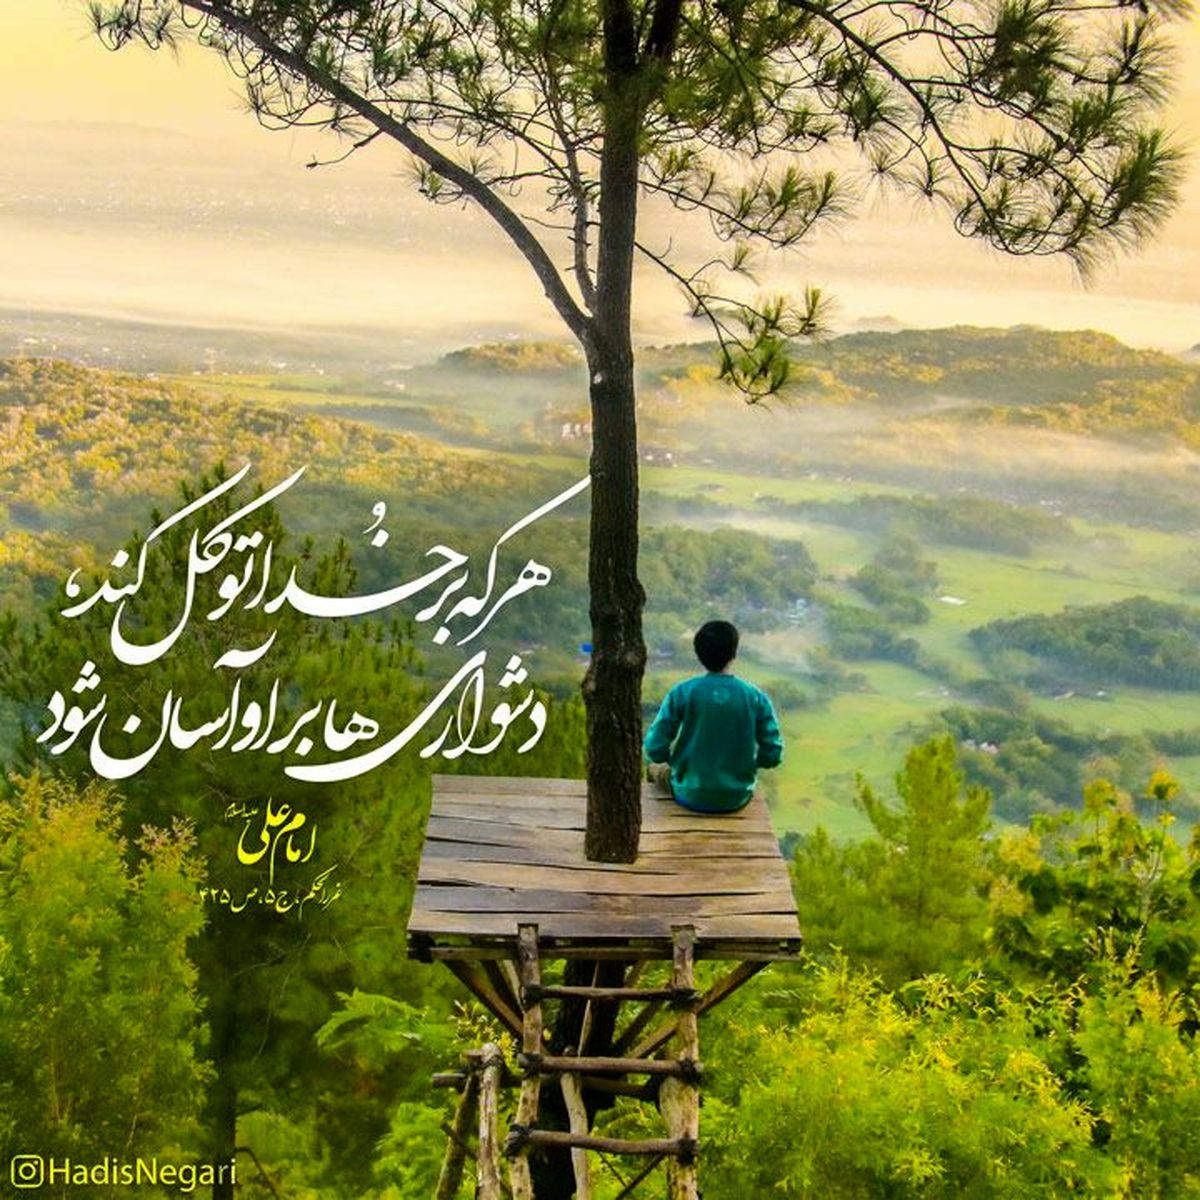 حدیث زیبای حضرت علی (ع) درمورد توکل داشتن